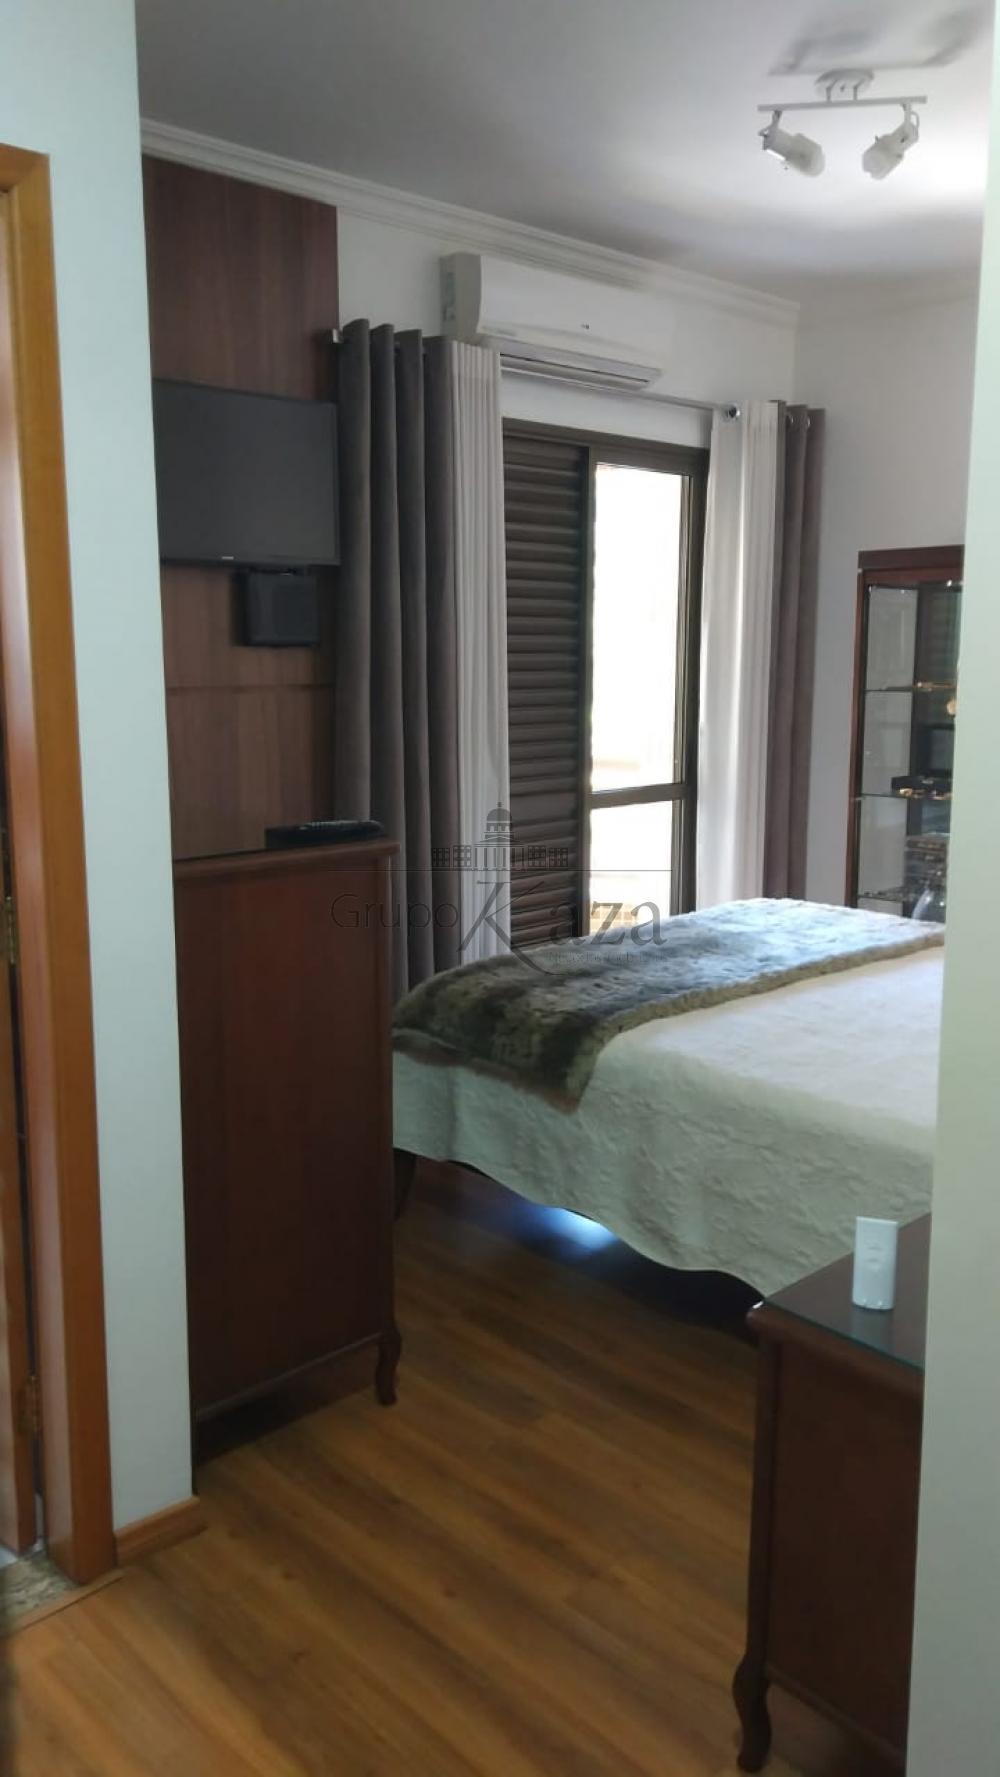 Comprar Apartamento / Padrão em São José dos Campos apenas R$ 1.500.000,00 - Foto 54